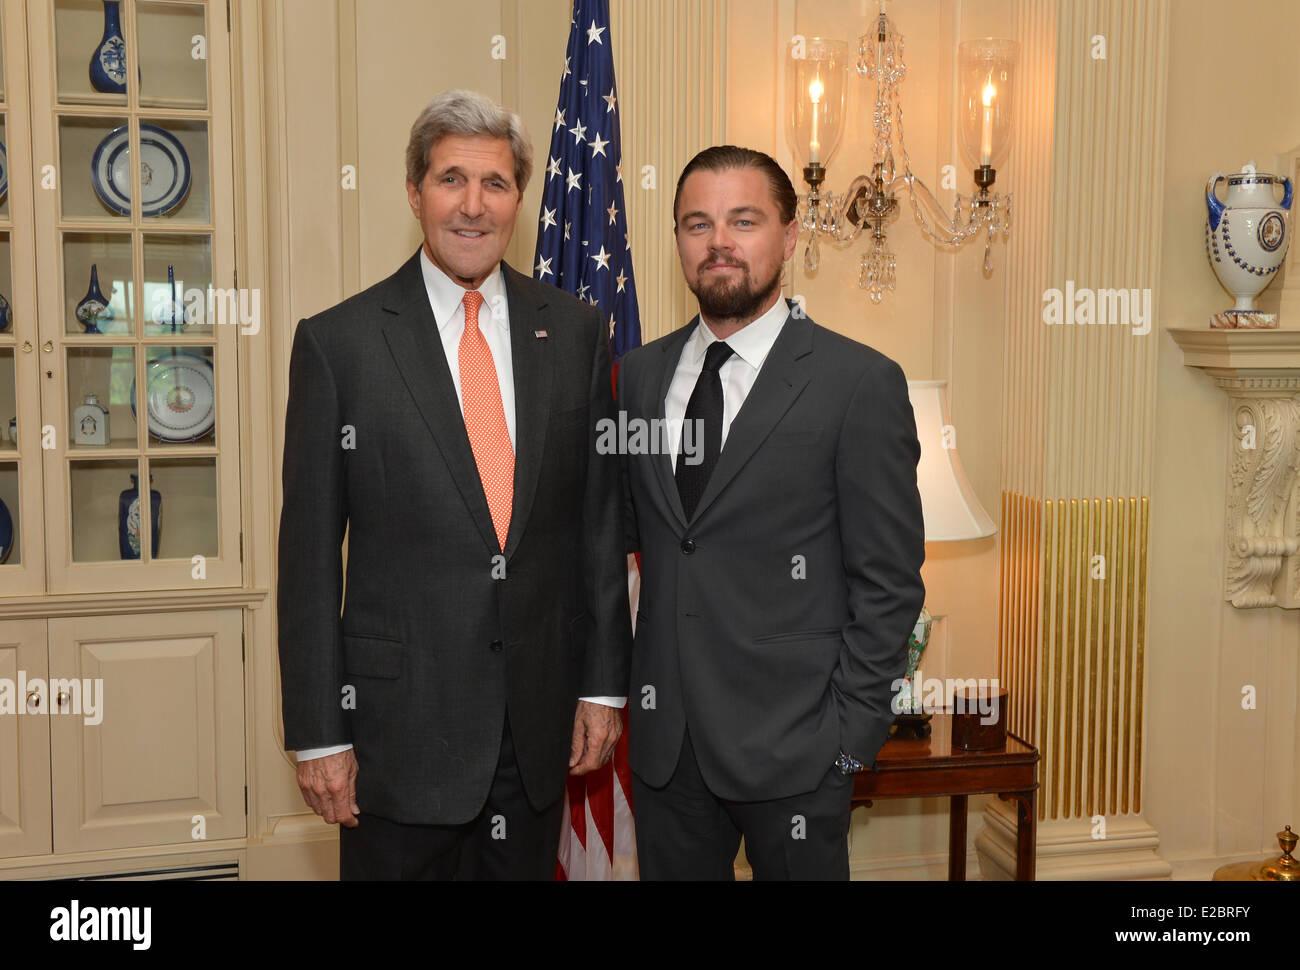 ¿Cuánto mide Leonardo DiCaprio? - Real height Us-secretary-of-state-john-kerry-meets-with-actor-leonardo-dicaprio-E2BRFY